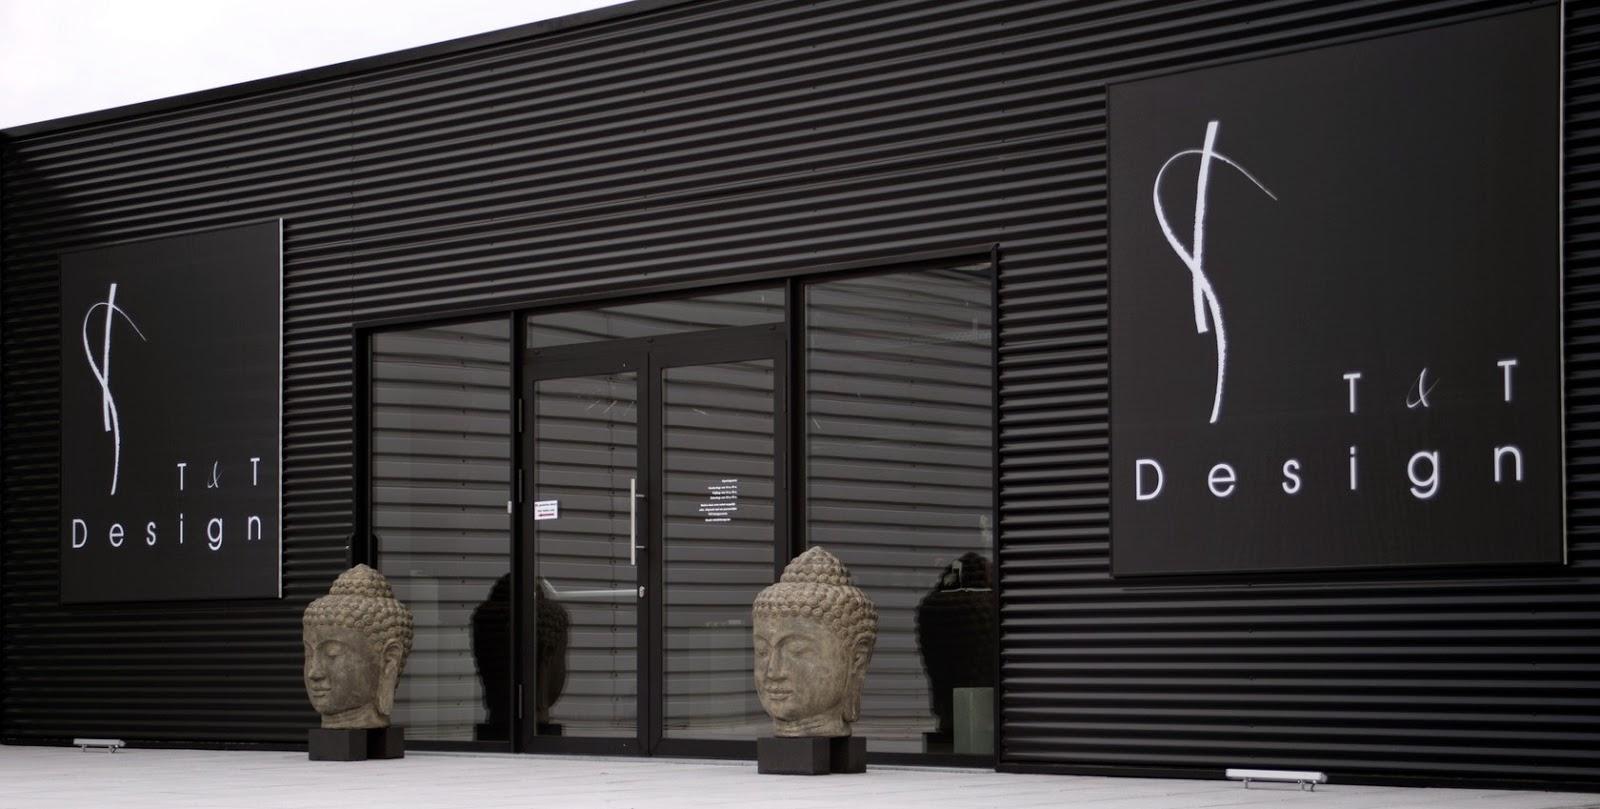 #61595123619436 Design Knokke: Filialen T&T Design Meest effectief Design Tuinmeubelen Knokke 2895 behang 16008092895 afbeeldingen